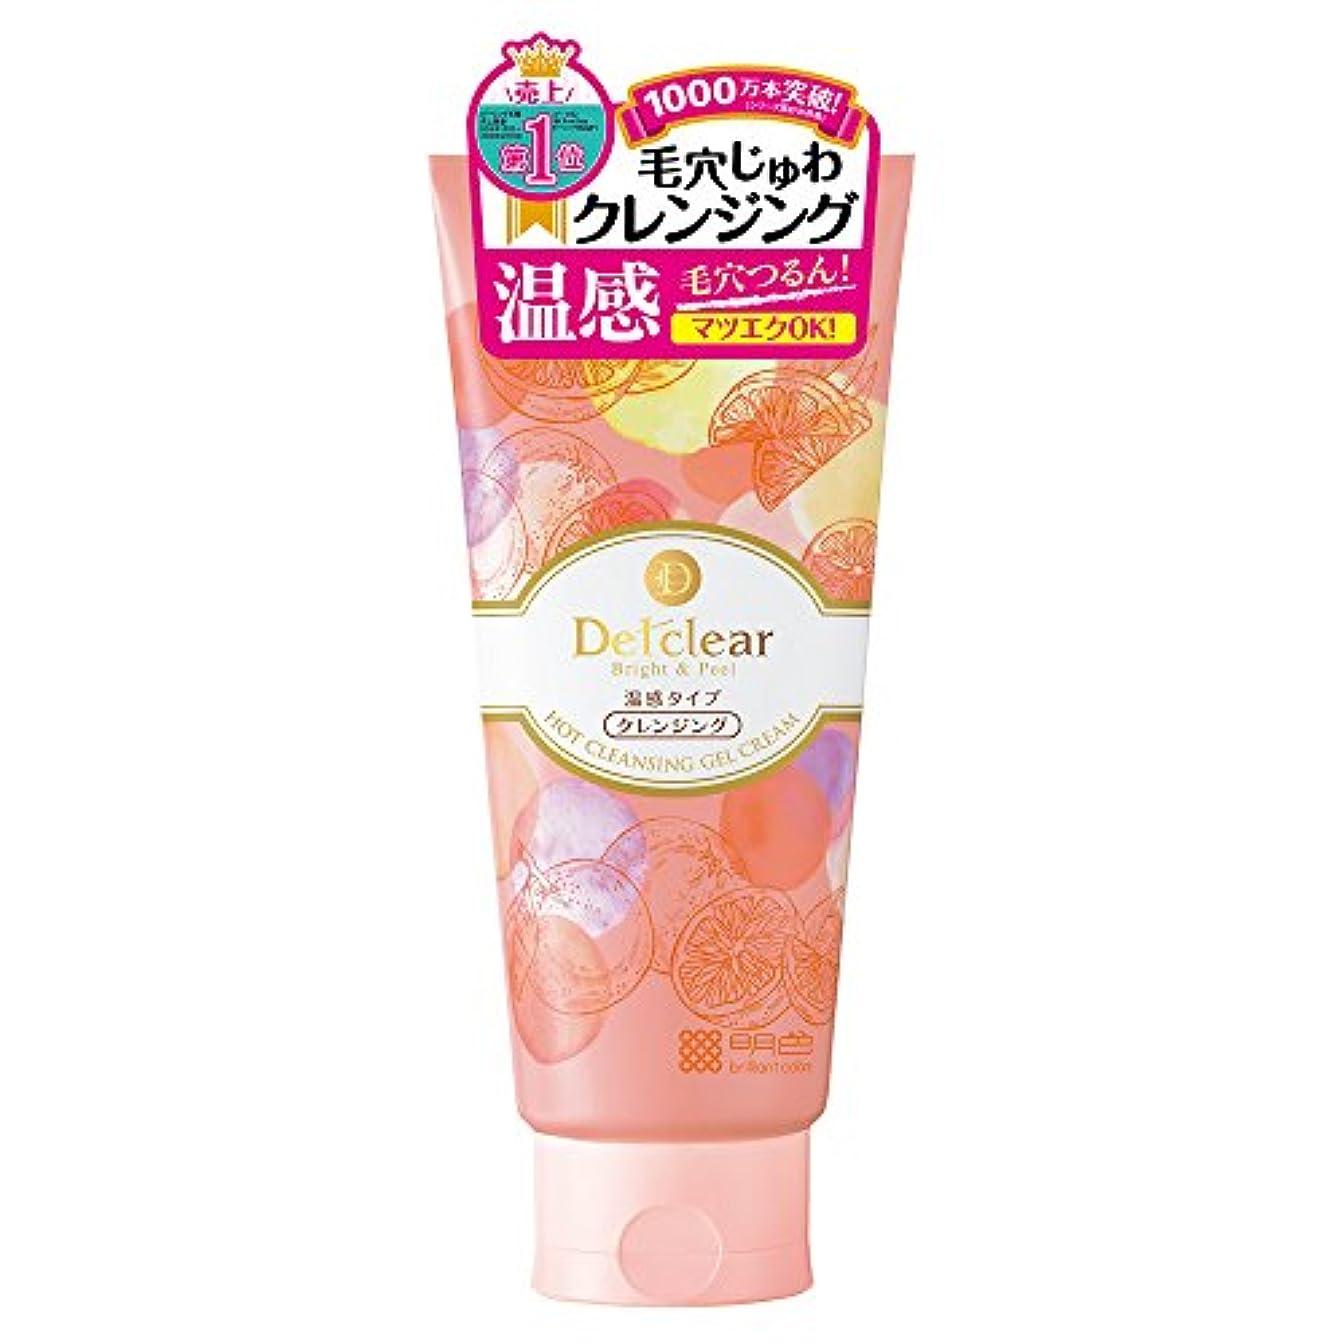 法令信仰ディンカルビルDETクリア ブライト&ピール ホットクレンジング ジェルクリーム 200g (日本製) ベルガモットオレンジの香り